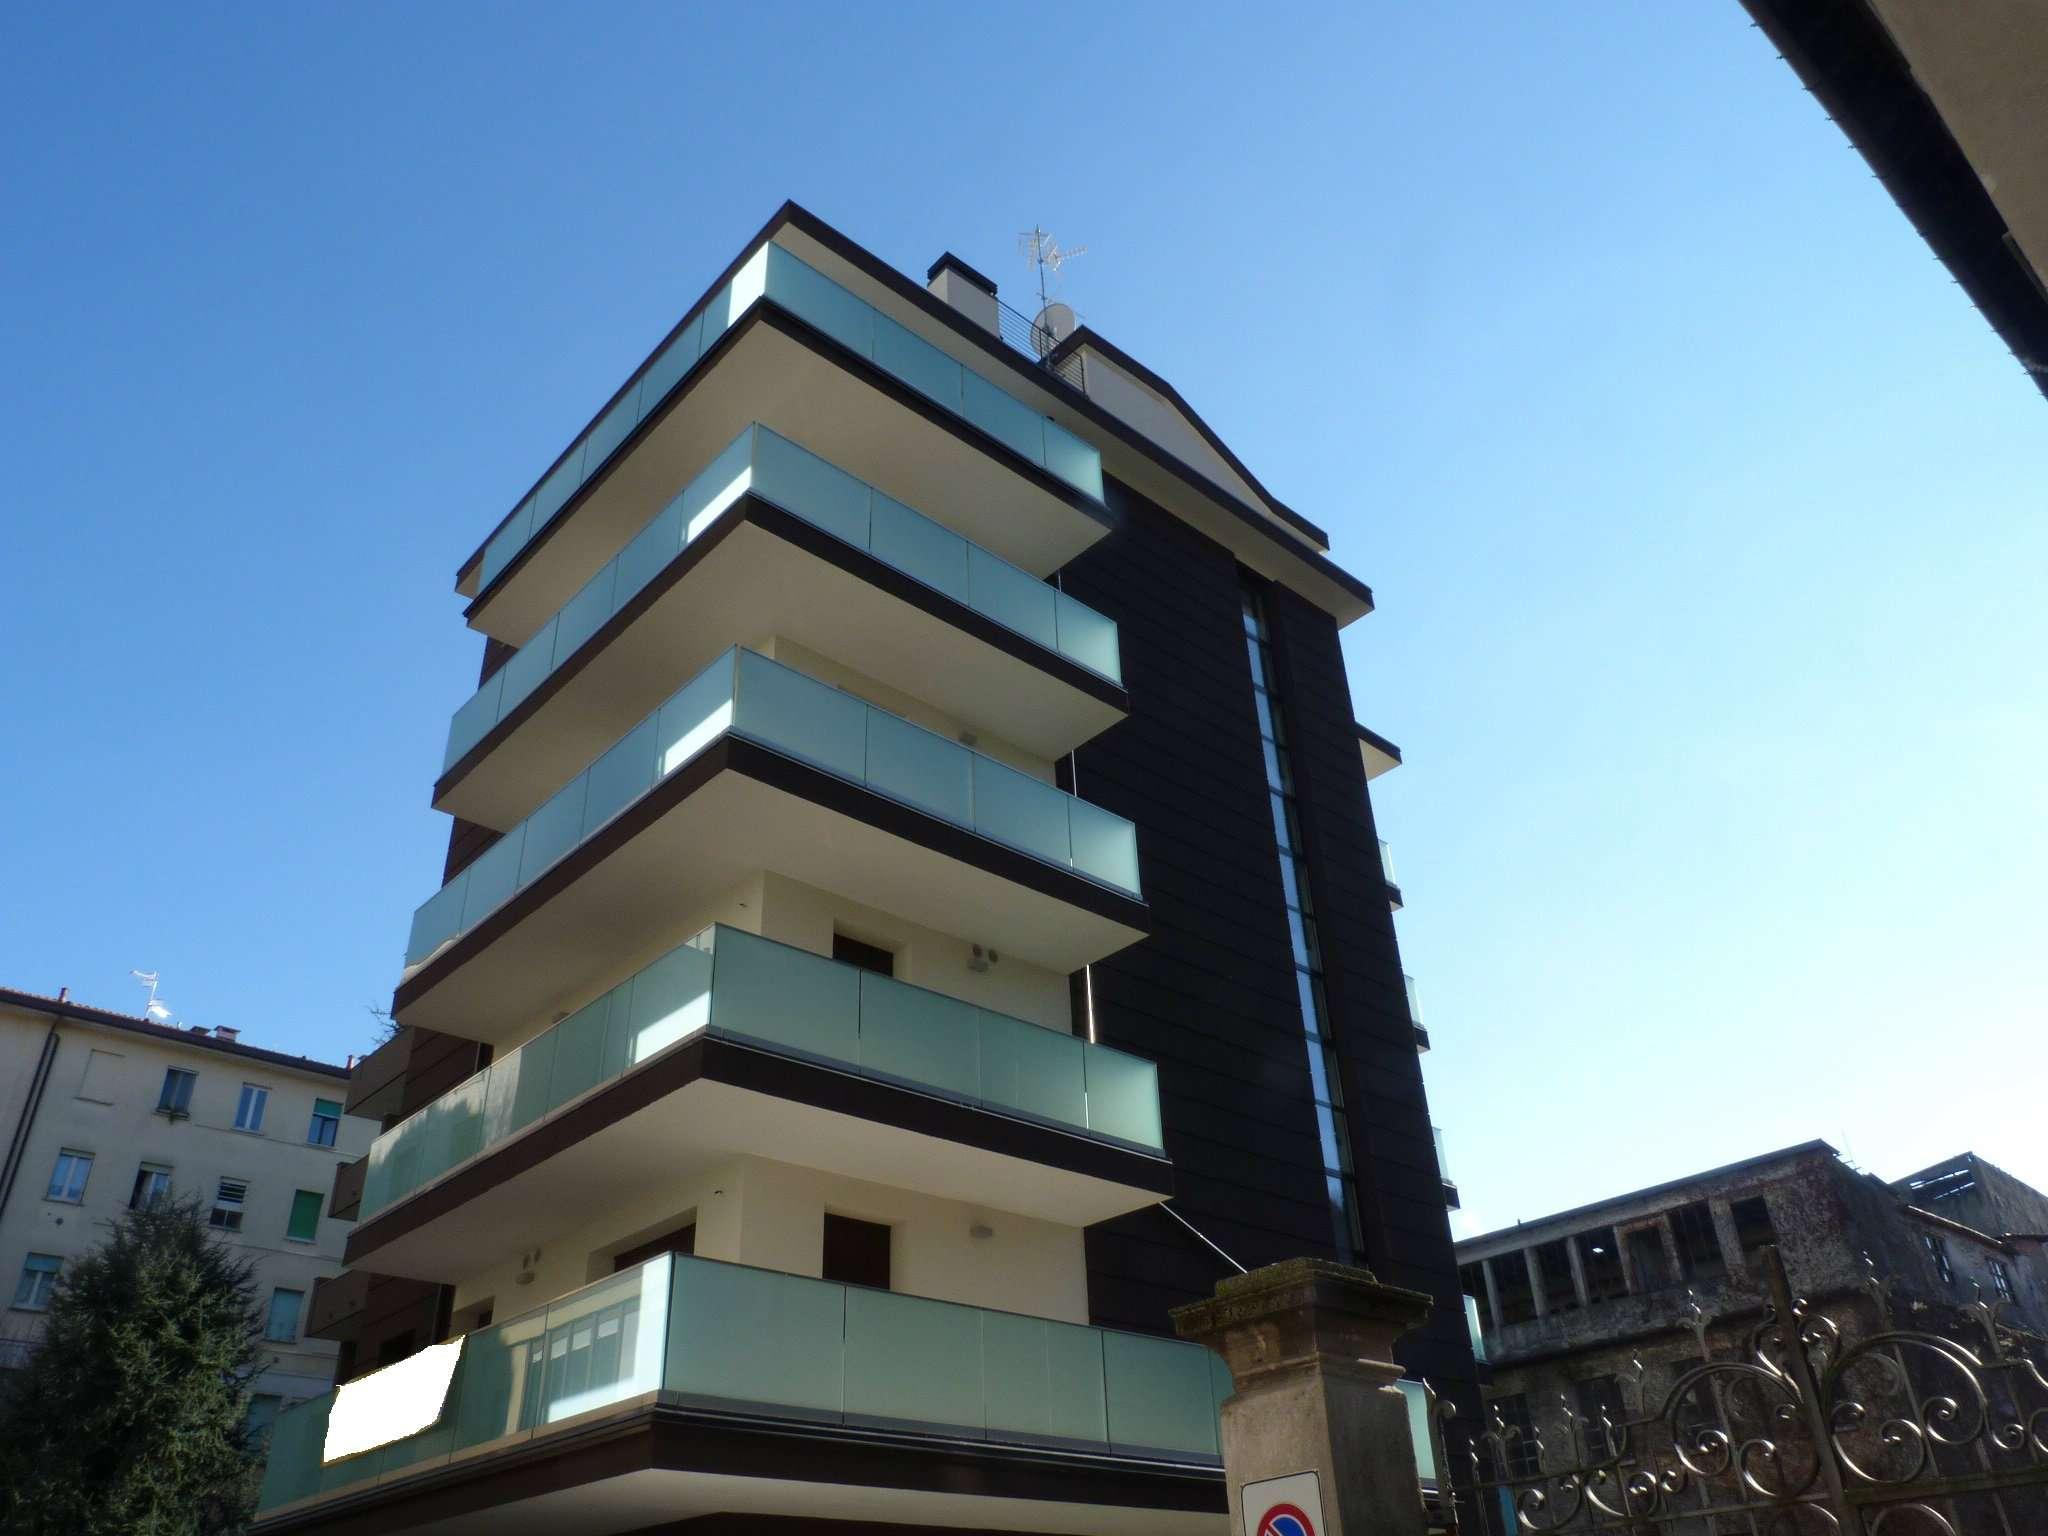 Appartamento in vendita a Como, 3 locali, zona Zona: 1 . Centro - Centro Storico, prezzo € 370.000 | Cambio Casa.it